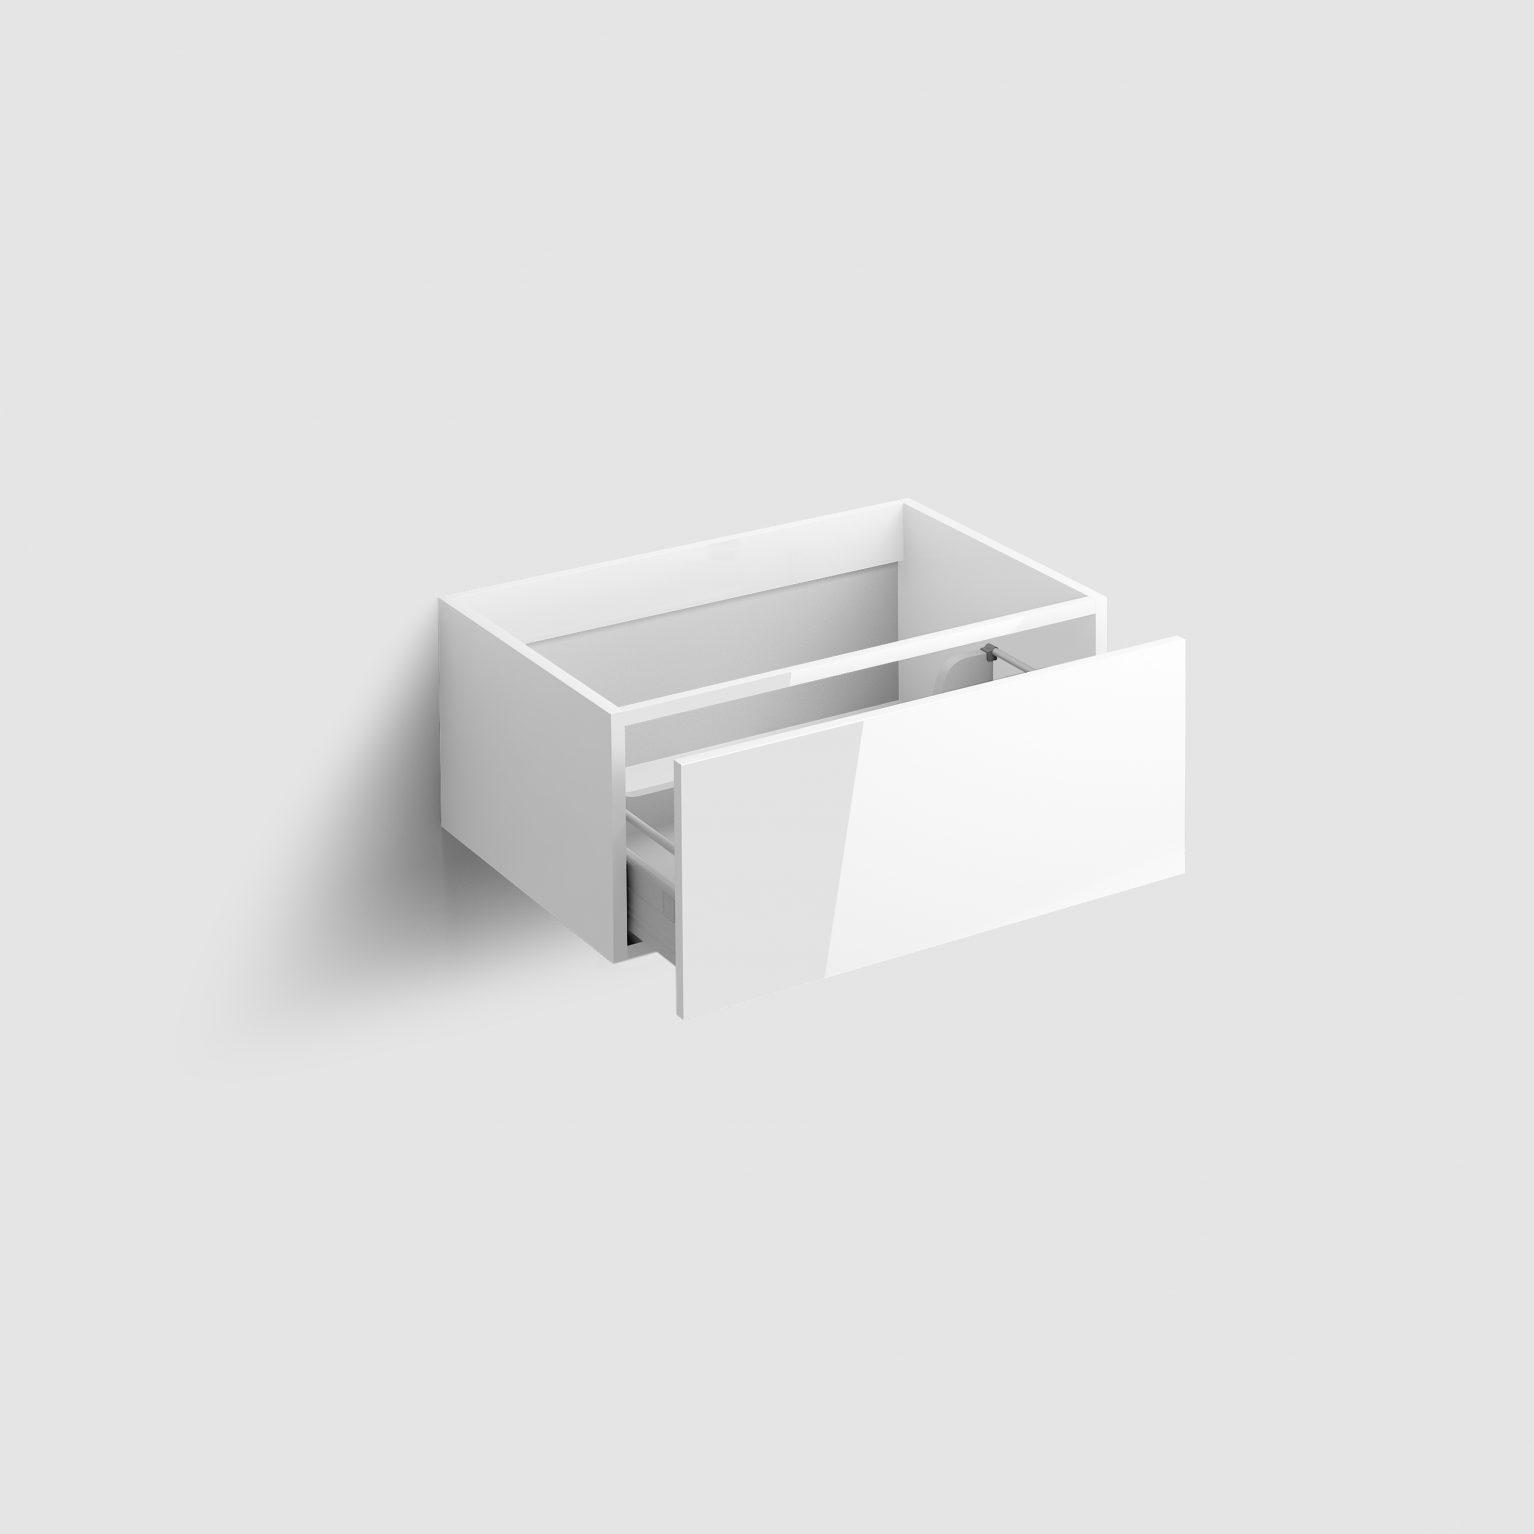 Hammock ladekast 70cm met push-to-open lade, wit hoogglans)